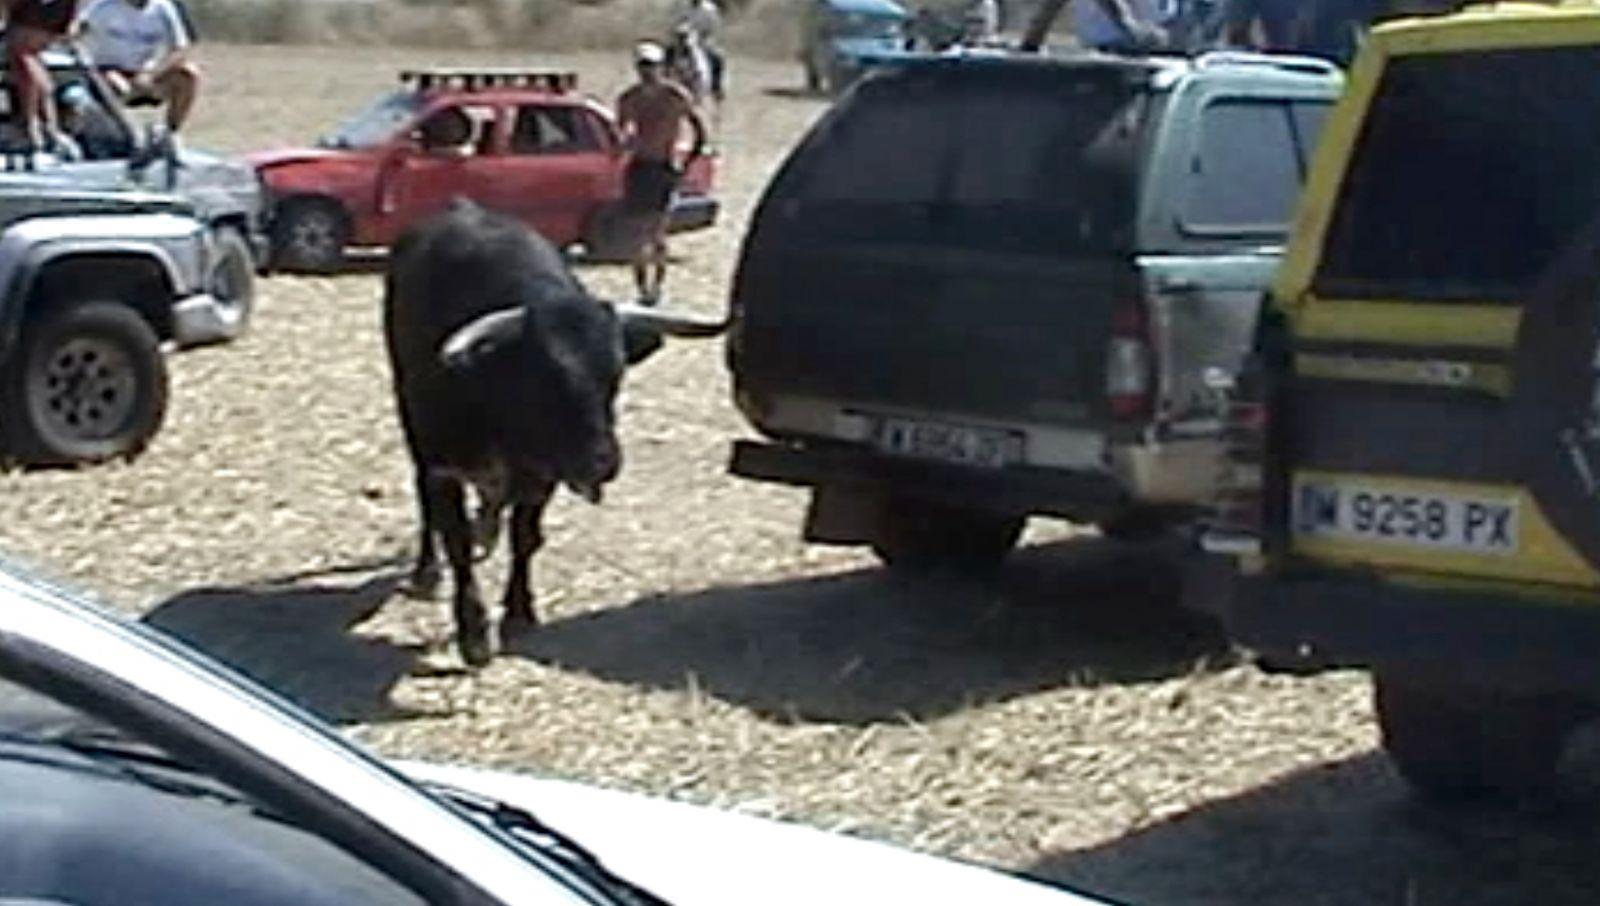 Documentan el acoso, atropello y muerte de un toro en Galáp 01_galapagos_21082010